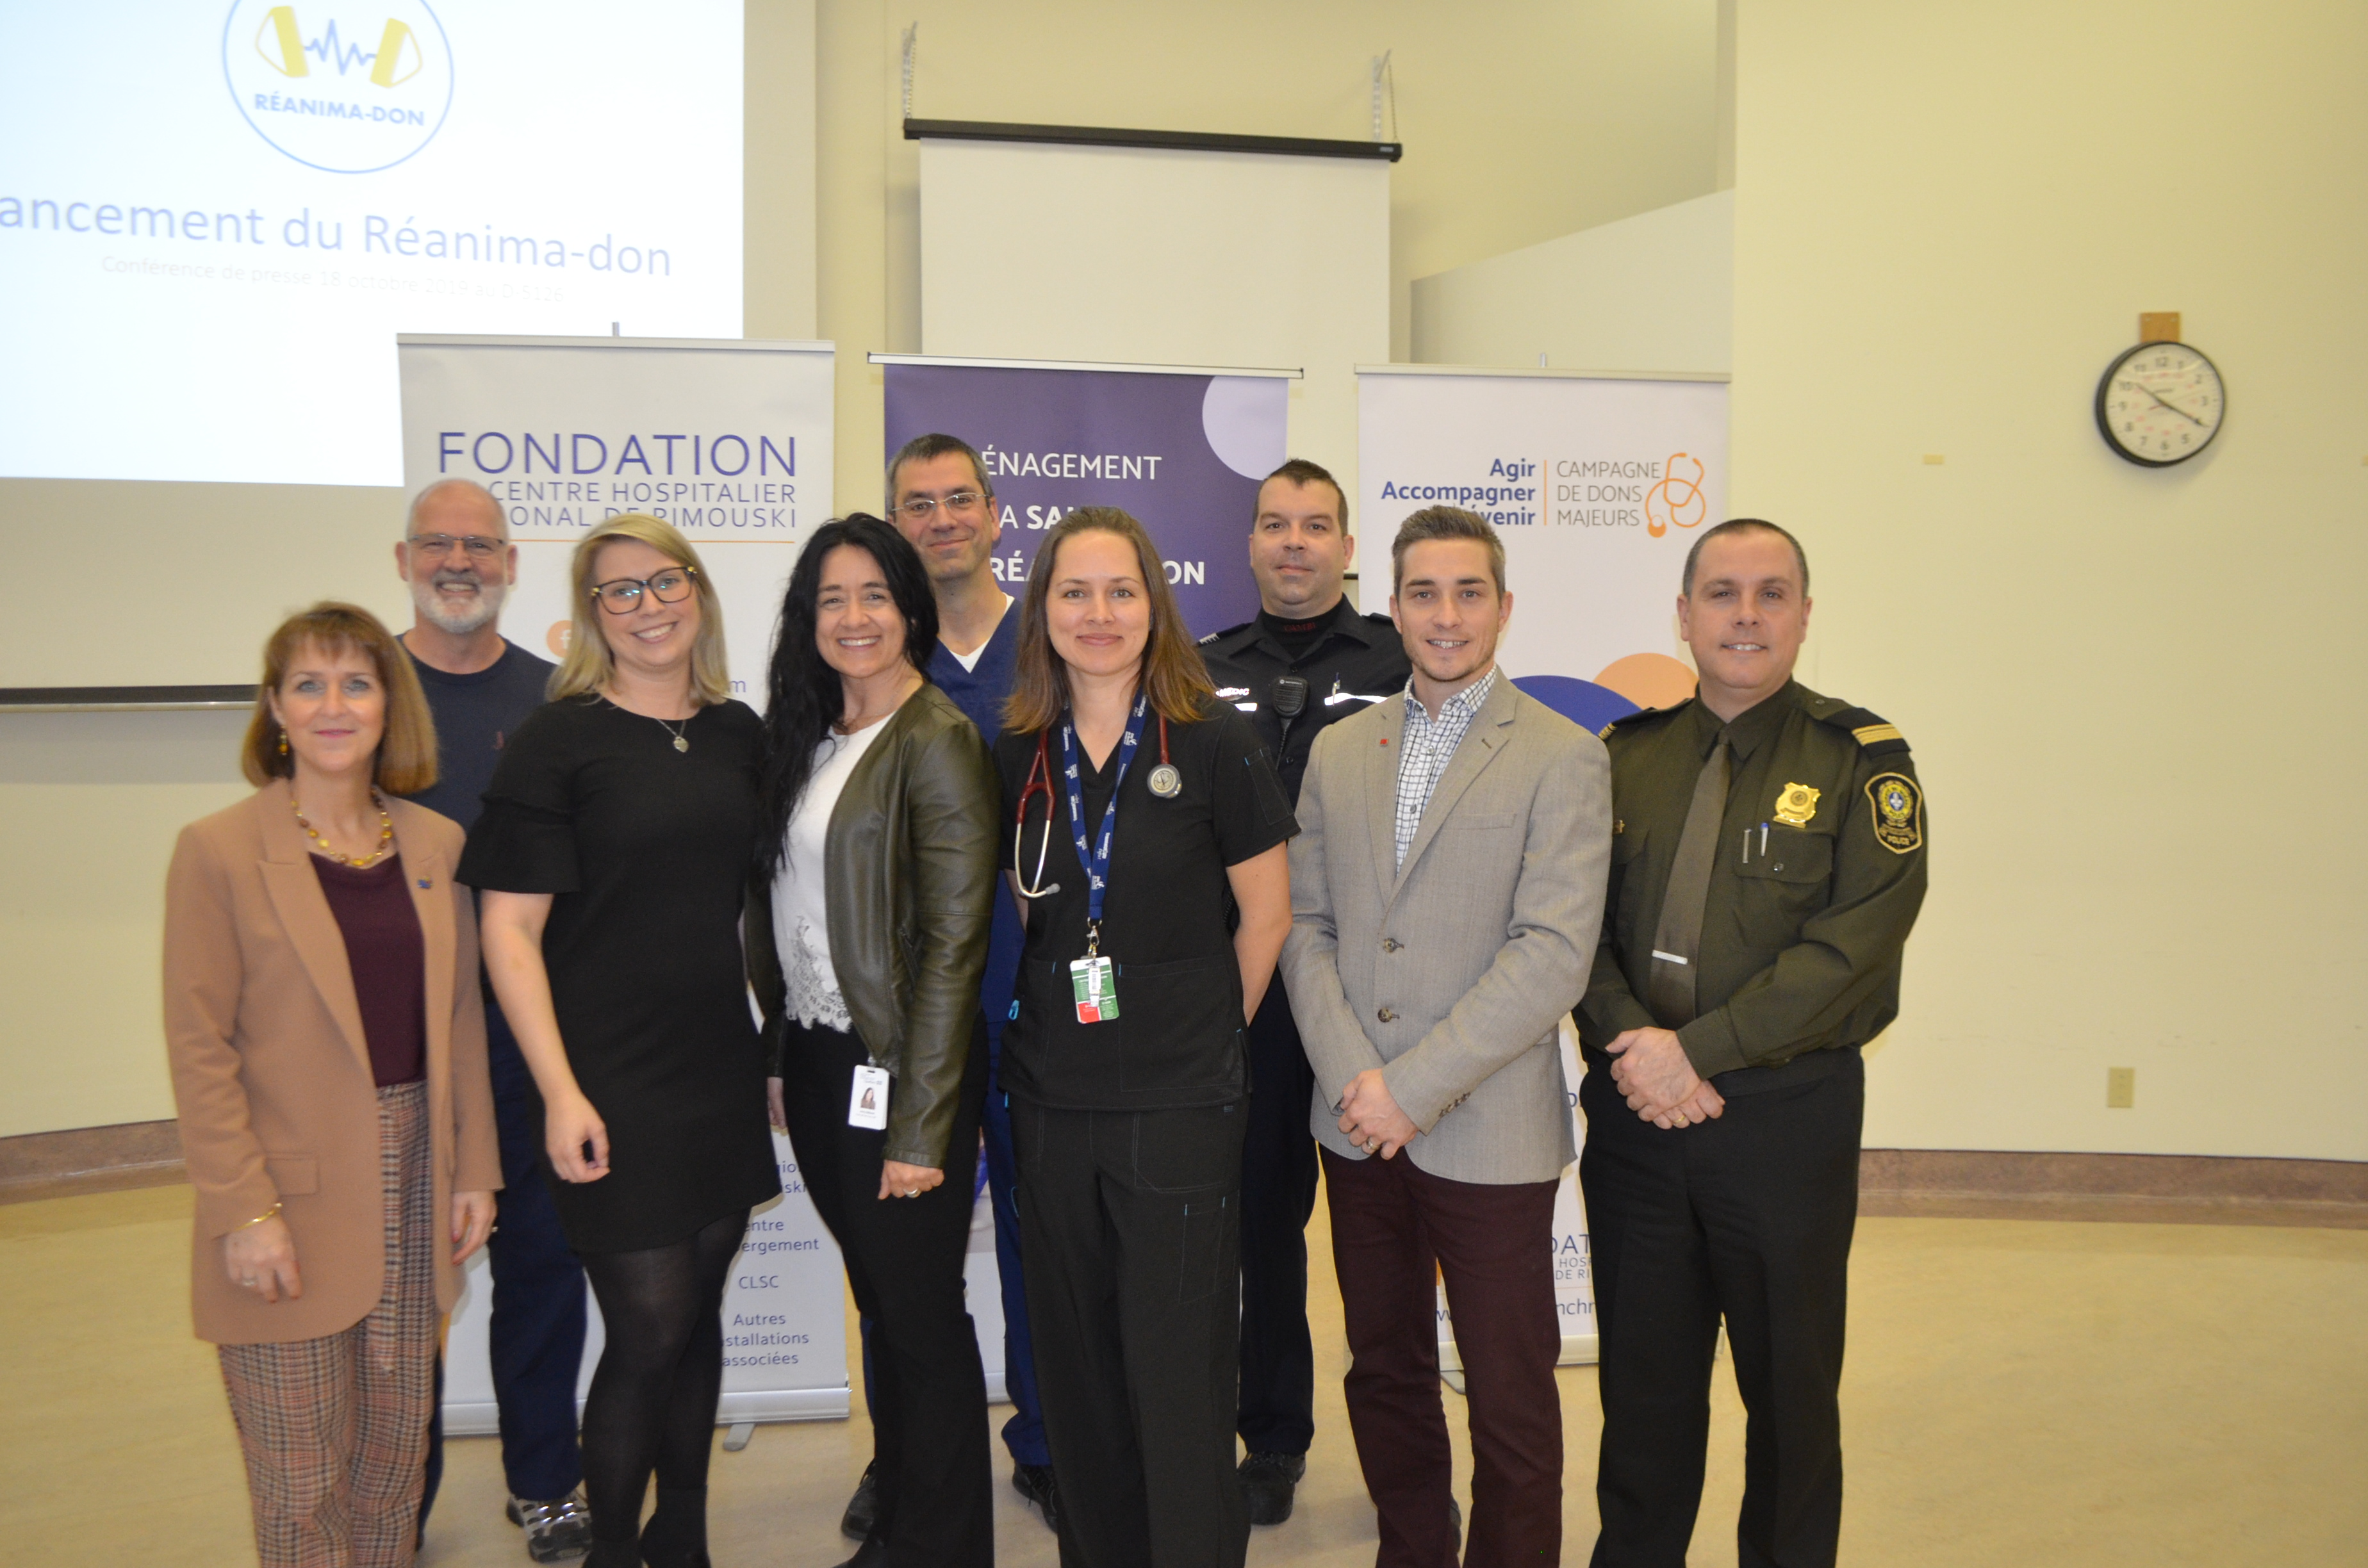 Les représentants du CHRR, de la Fondation de l'Hôpital régional de Rimouski et des  services d'urgence associés au Réanima-don de la Fondation du CHRR.